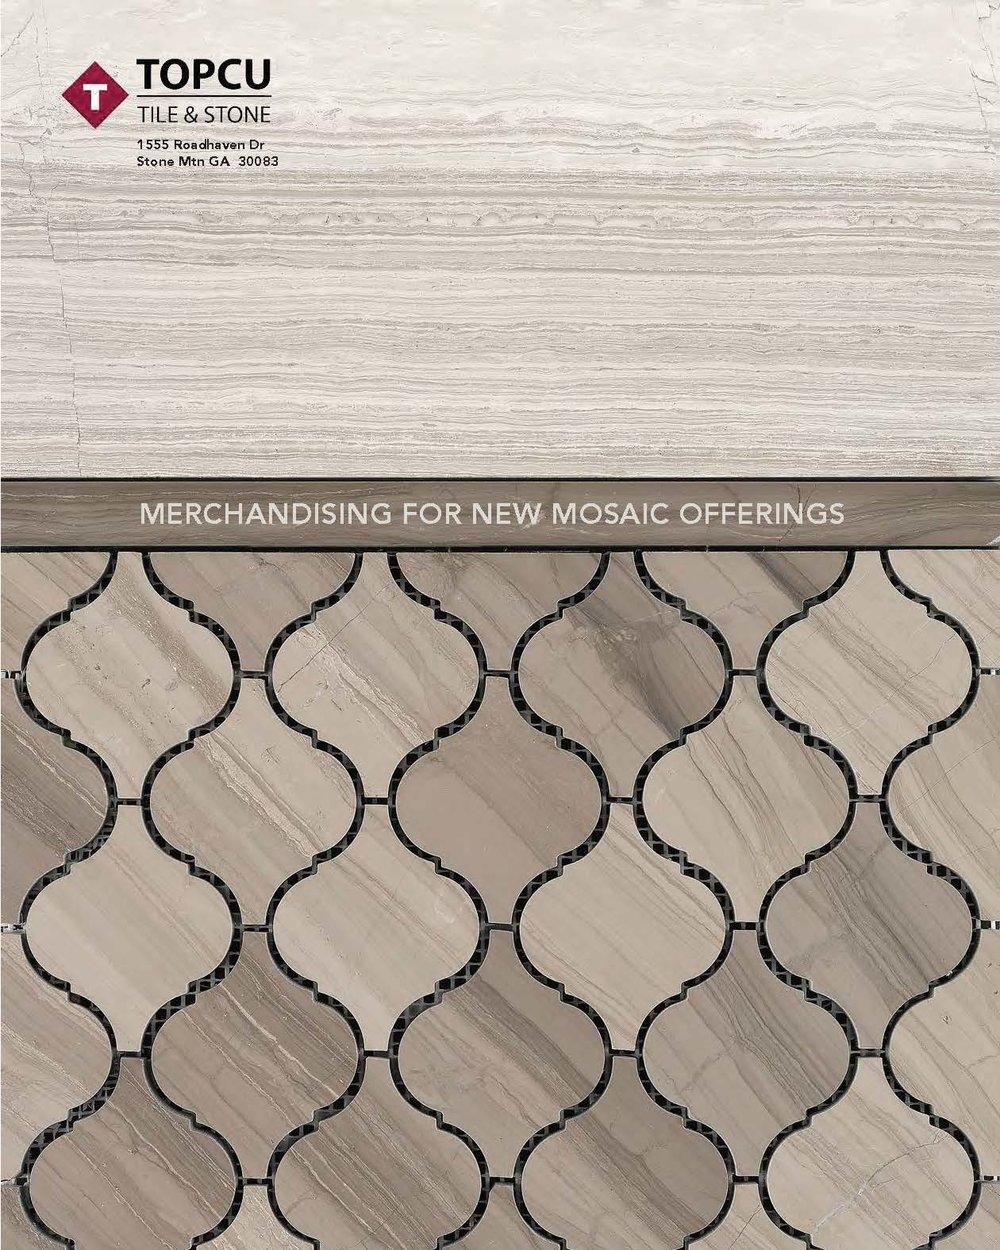 New Mosaics